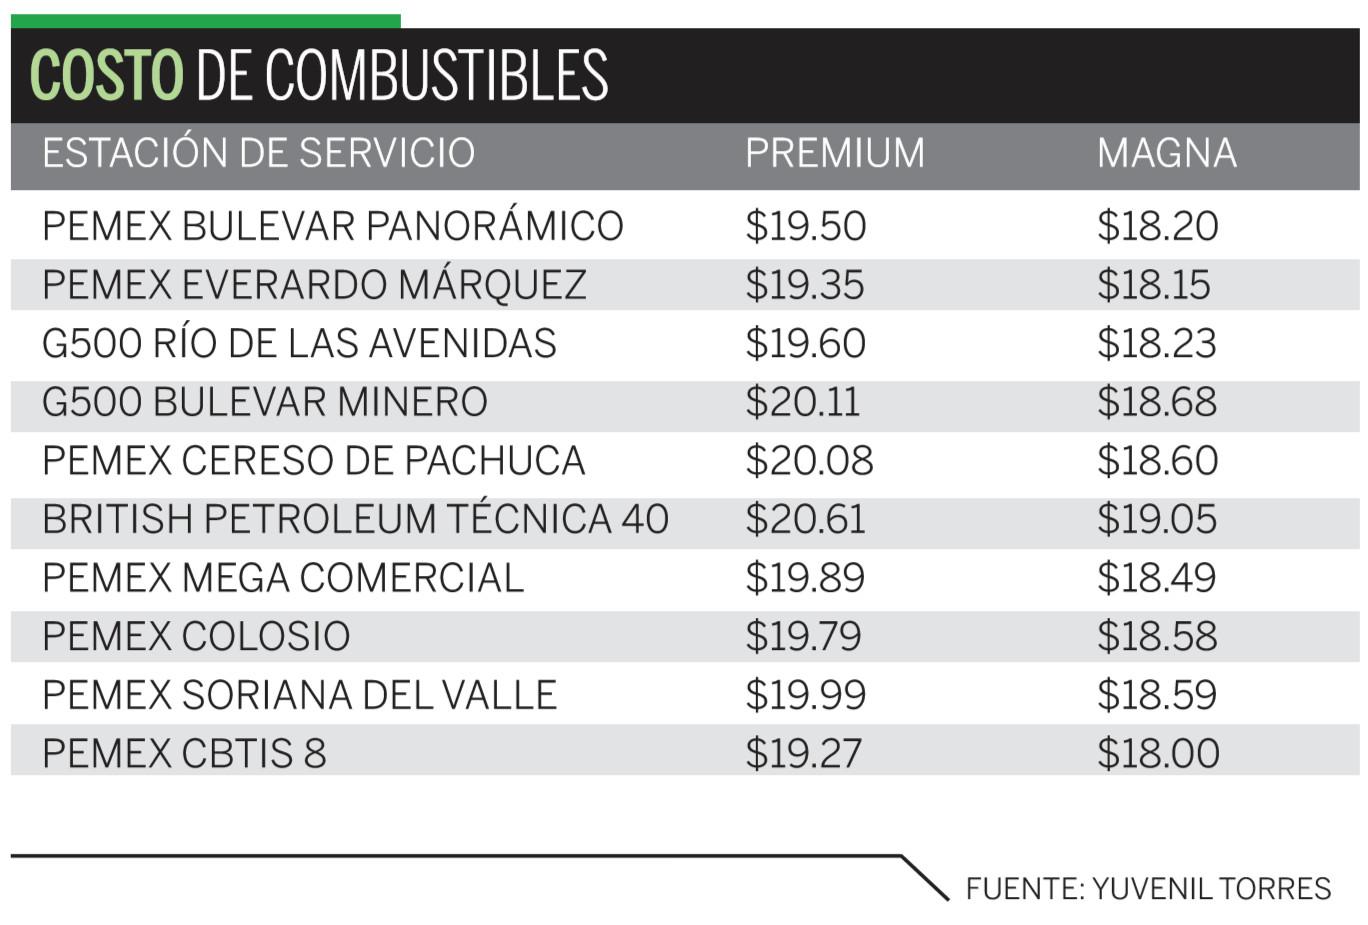 Baja precio de gasolina en frontera norte de México